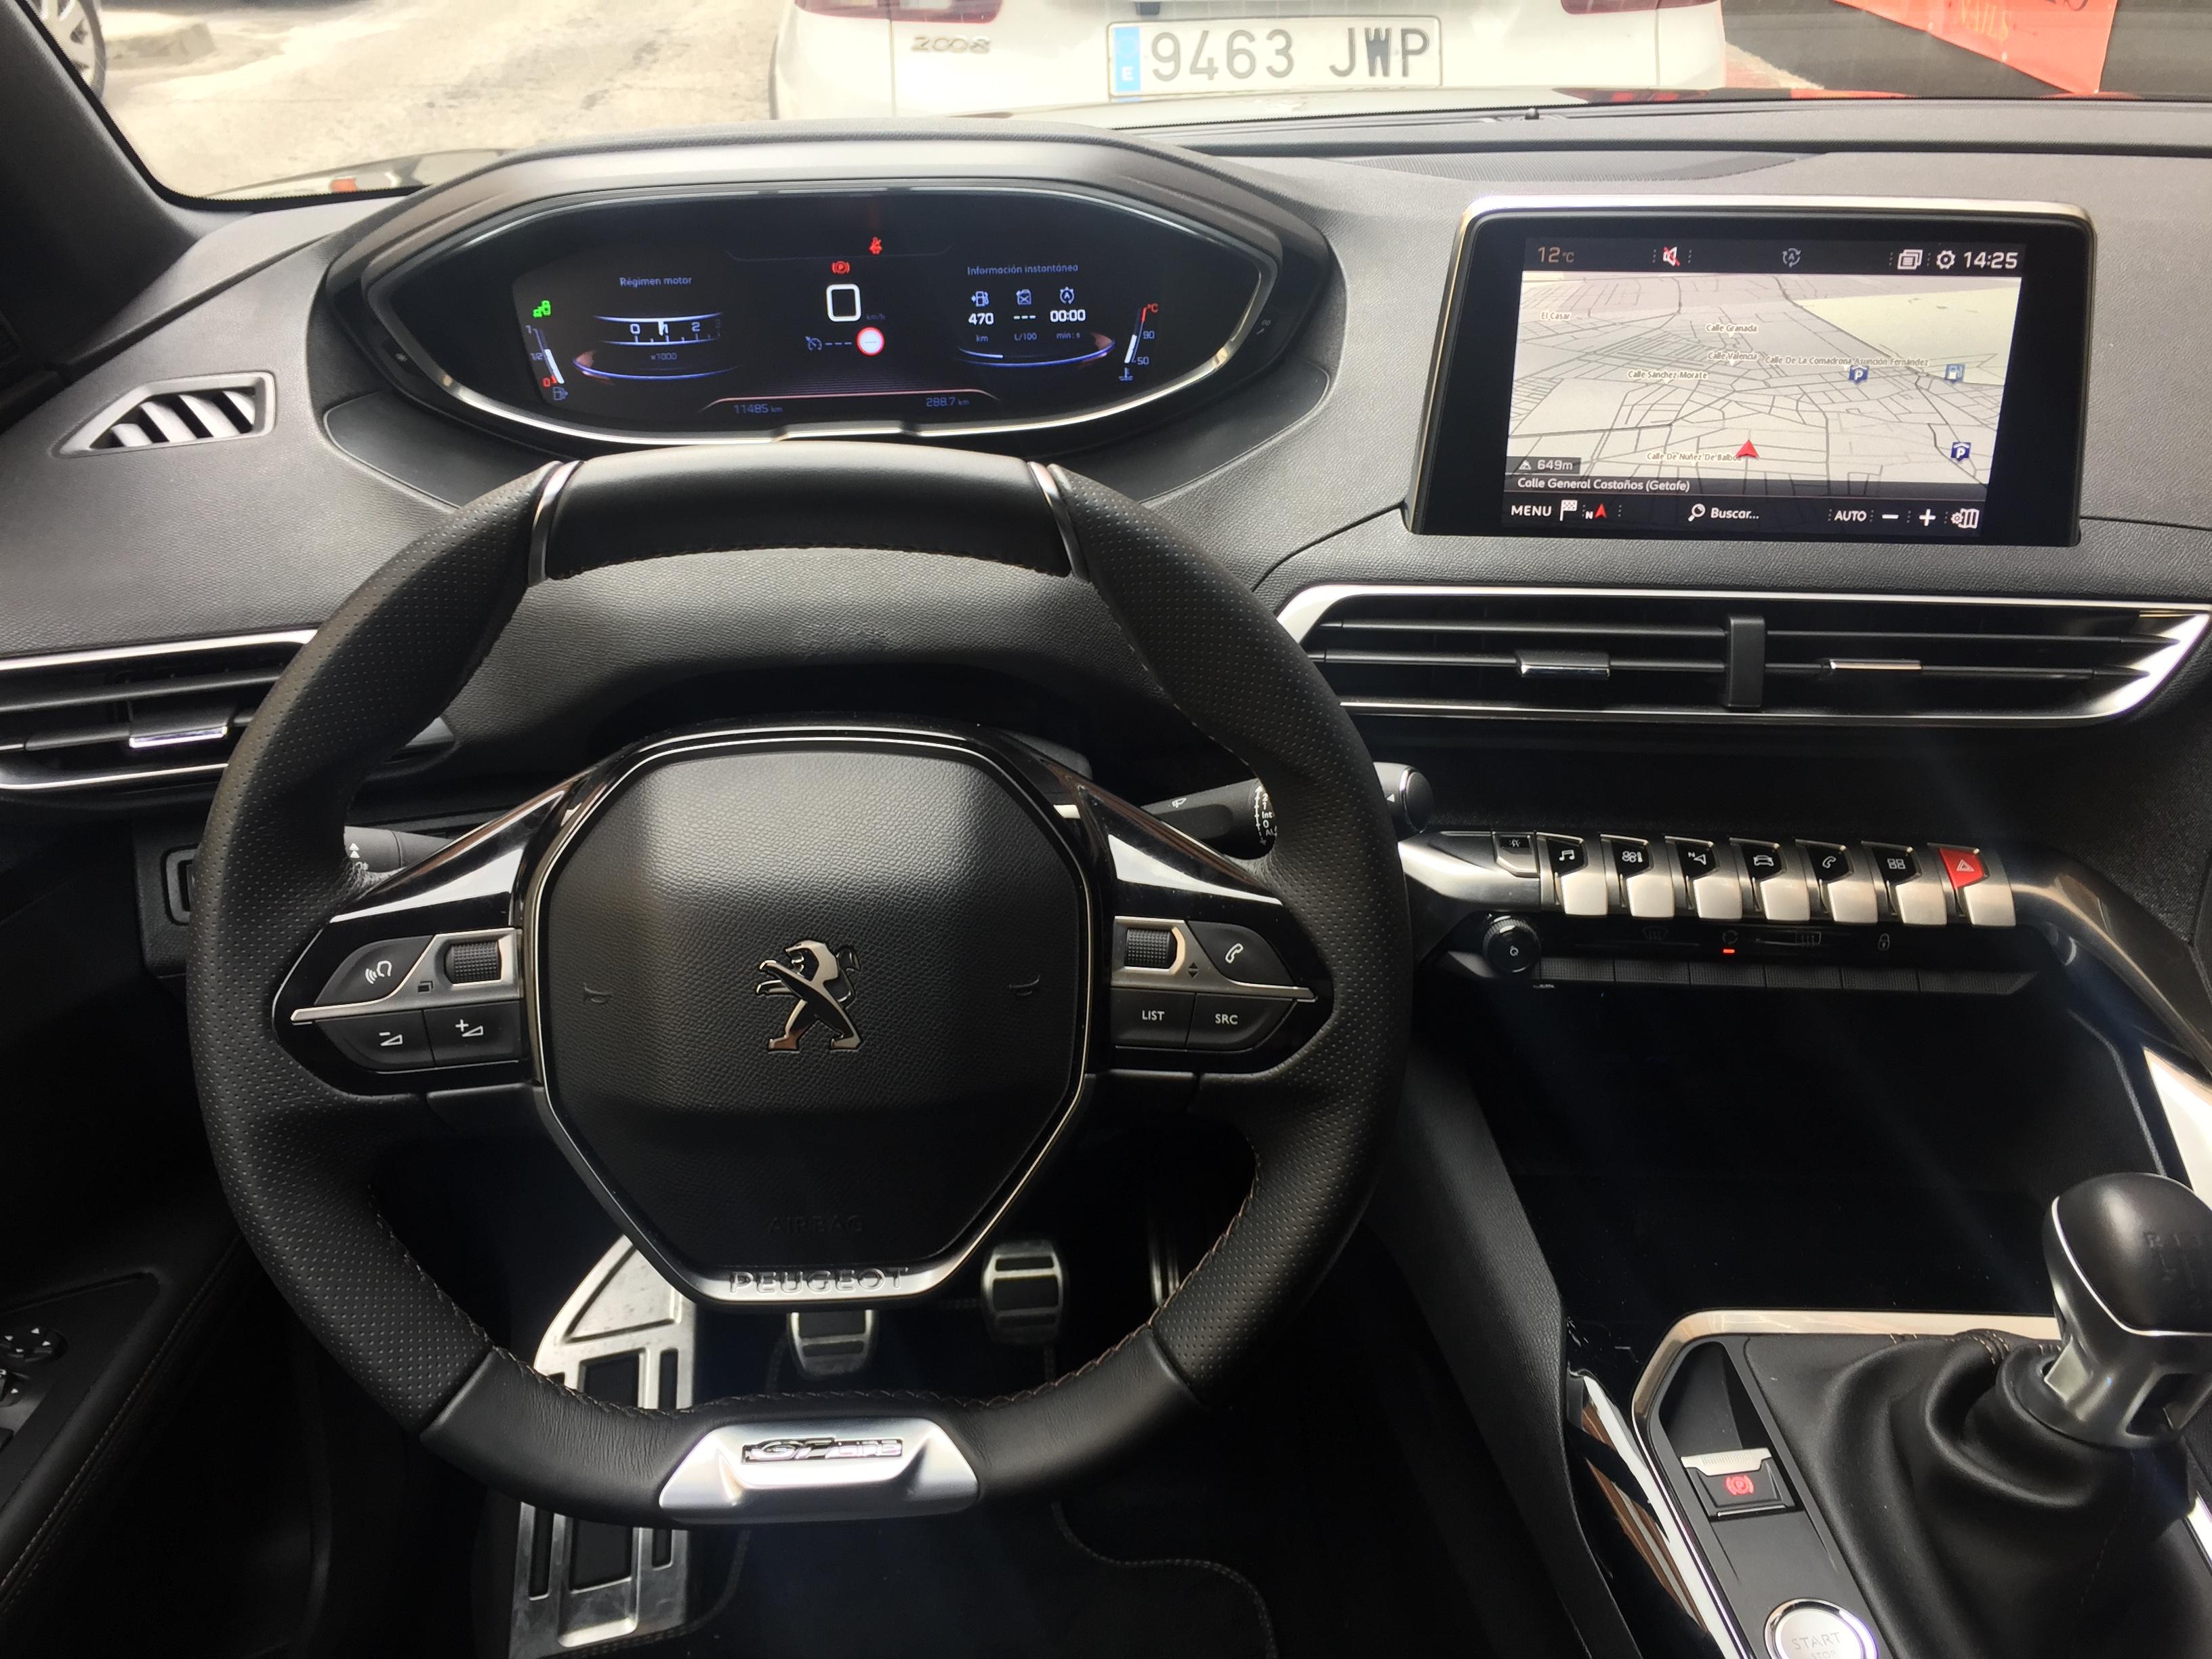 Peugeot 5008 2018 GT Line infoblogmotor.com